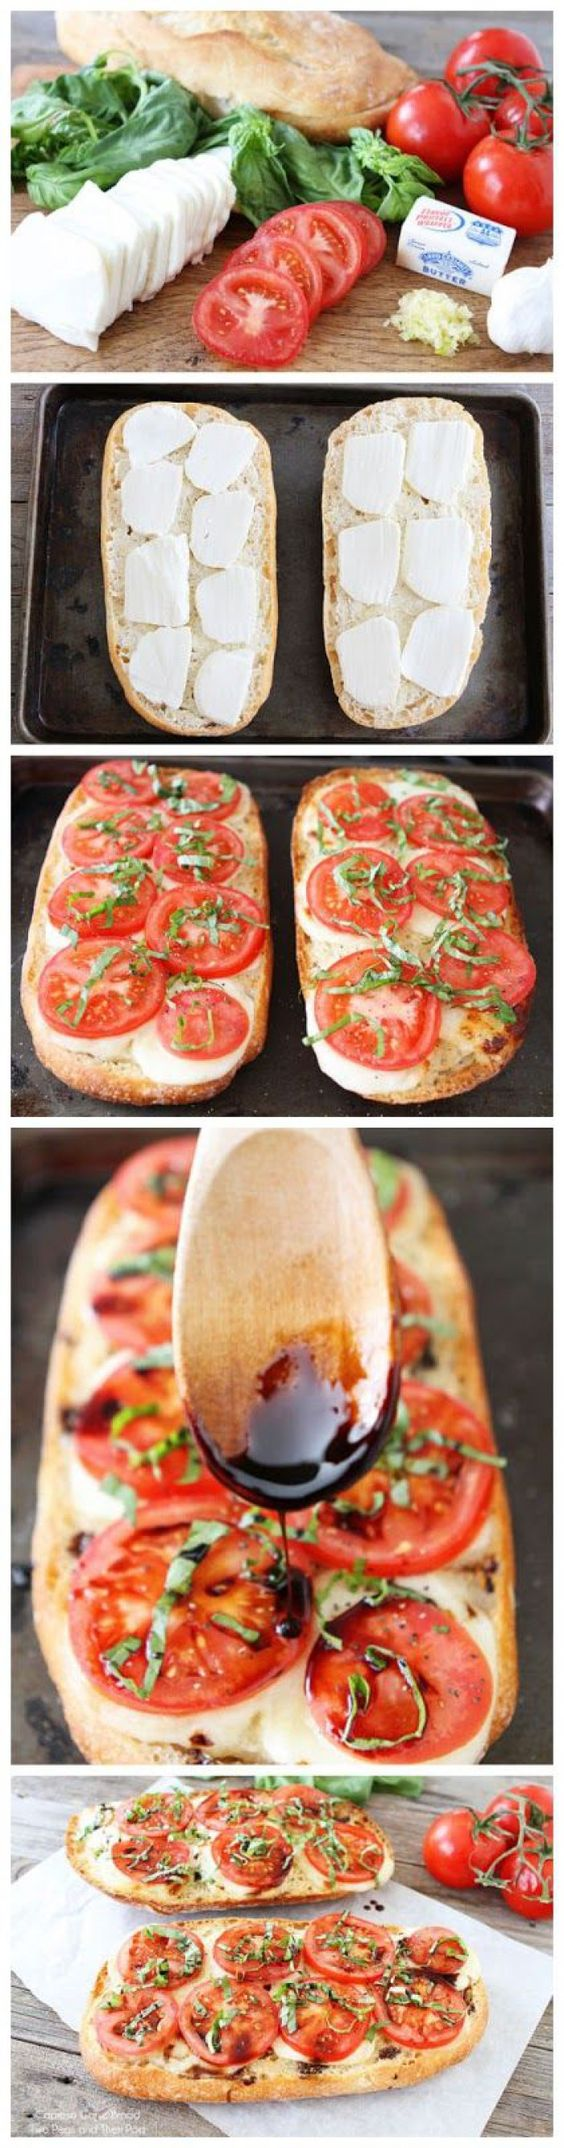 Das beste Knoblauch Brot Rezept der Welt! Knoblauch Butter selber machen und auf das Ciabatta Brot schmieren. Mozzarella drauf legen, Brot backen bis es gold braun ist. Tomaten, Basilikum drauf legen und etwas Balsamico und fertig! Noch mehr tolle Rezepte gibt es auf www.Spaaz.de